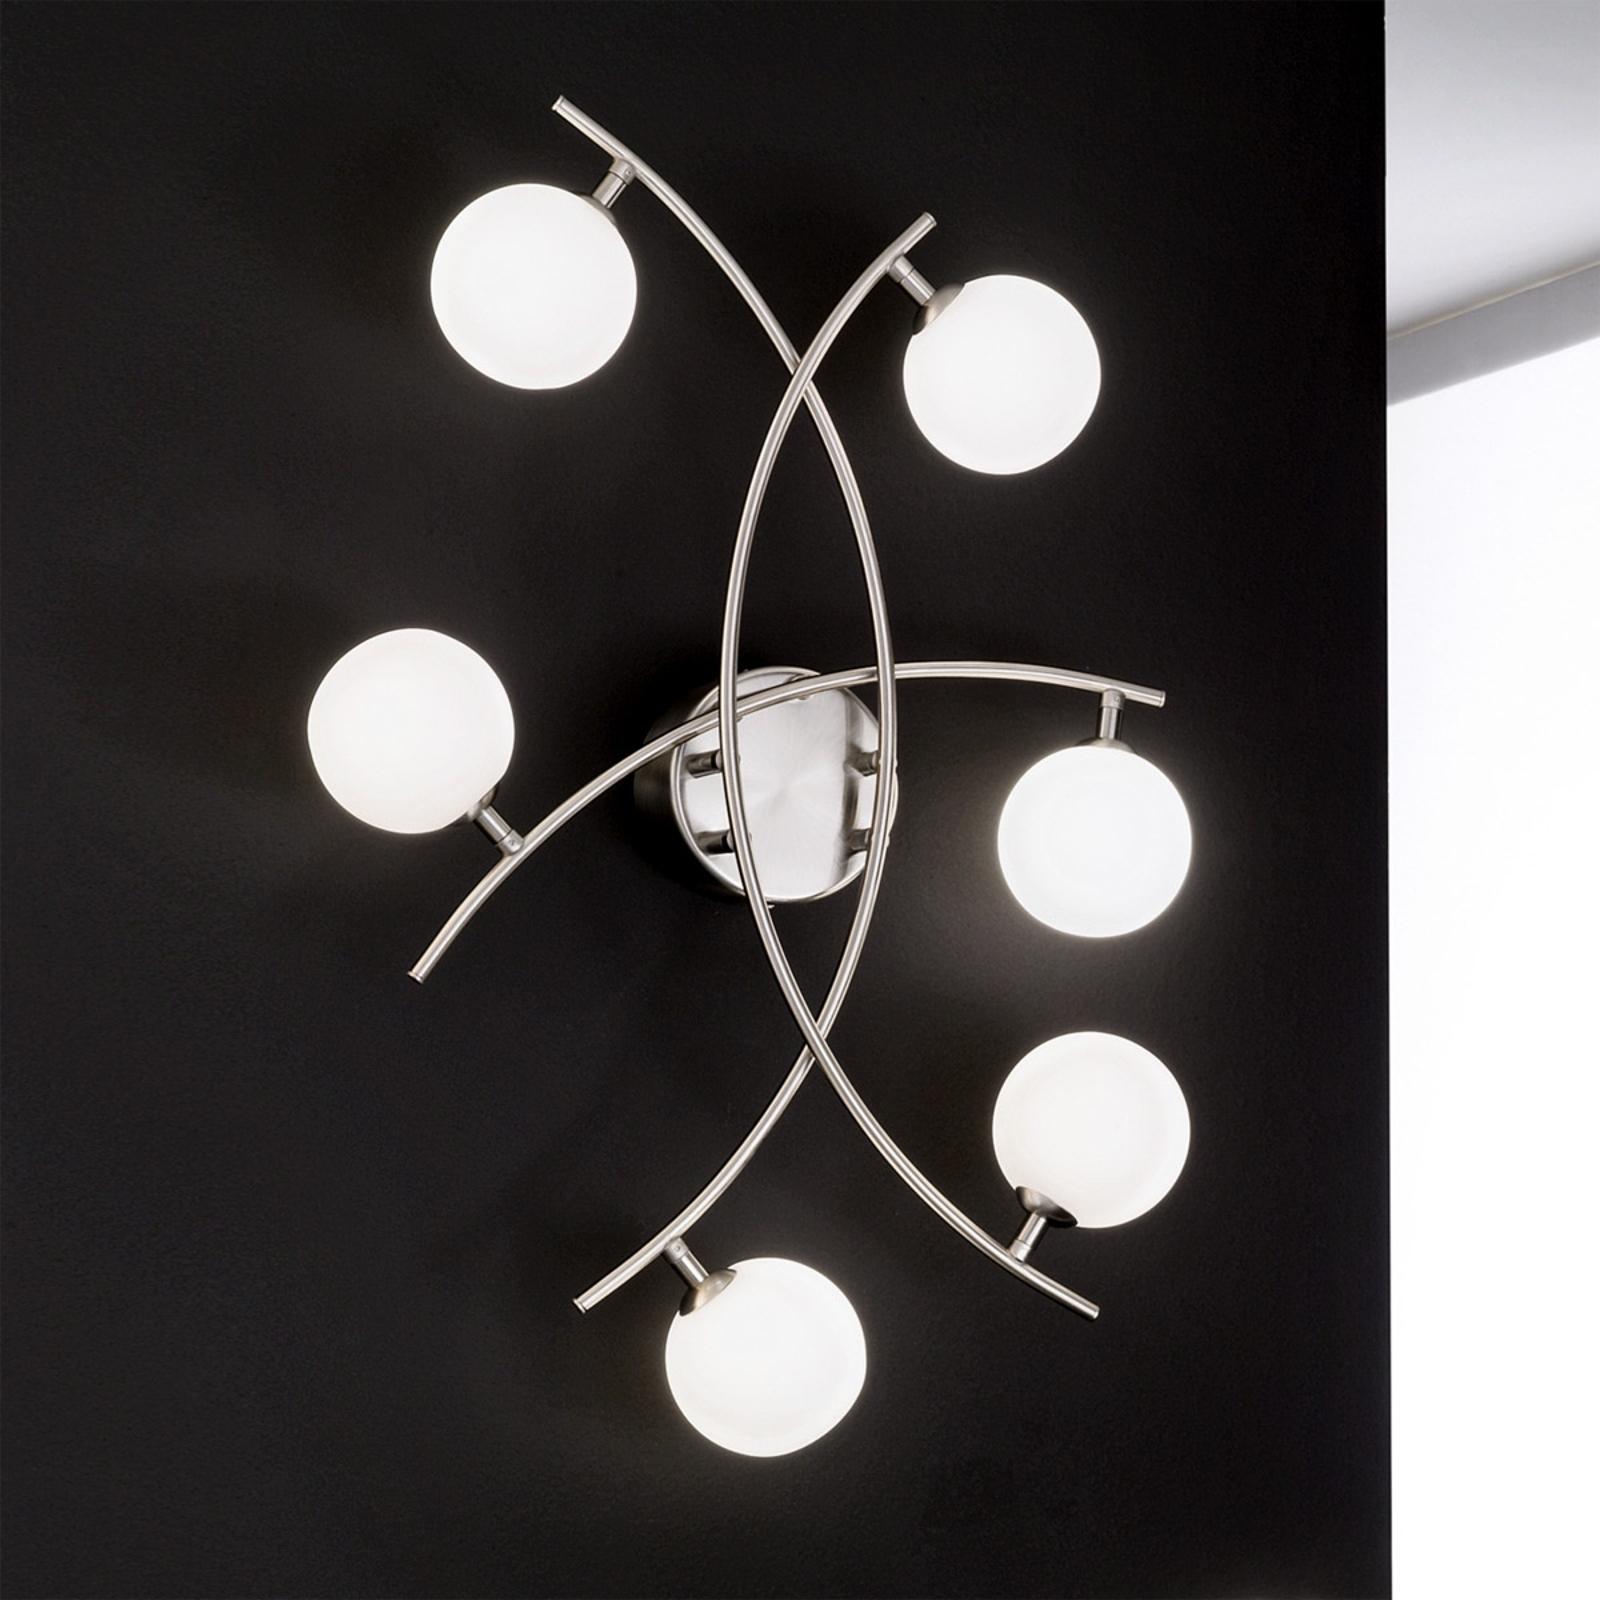 Plafonnier exceptionnel à 6 lampes Pelota